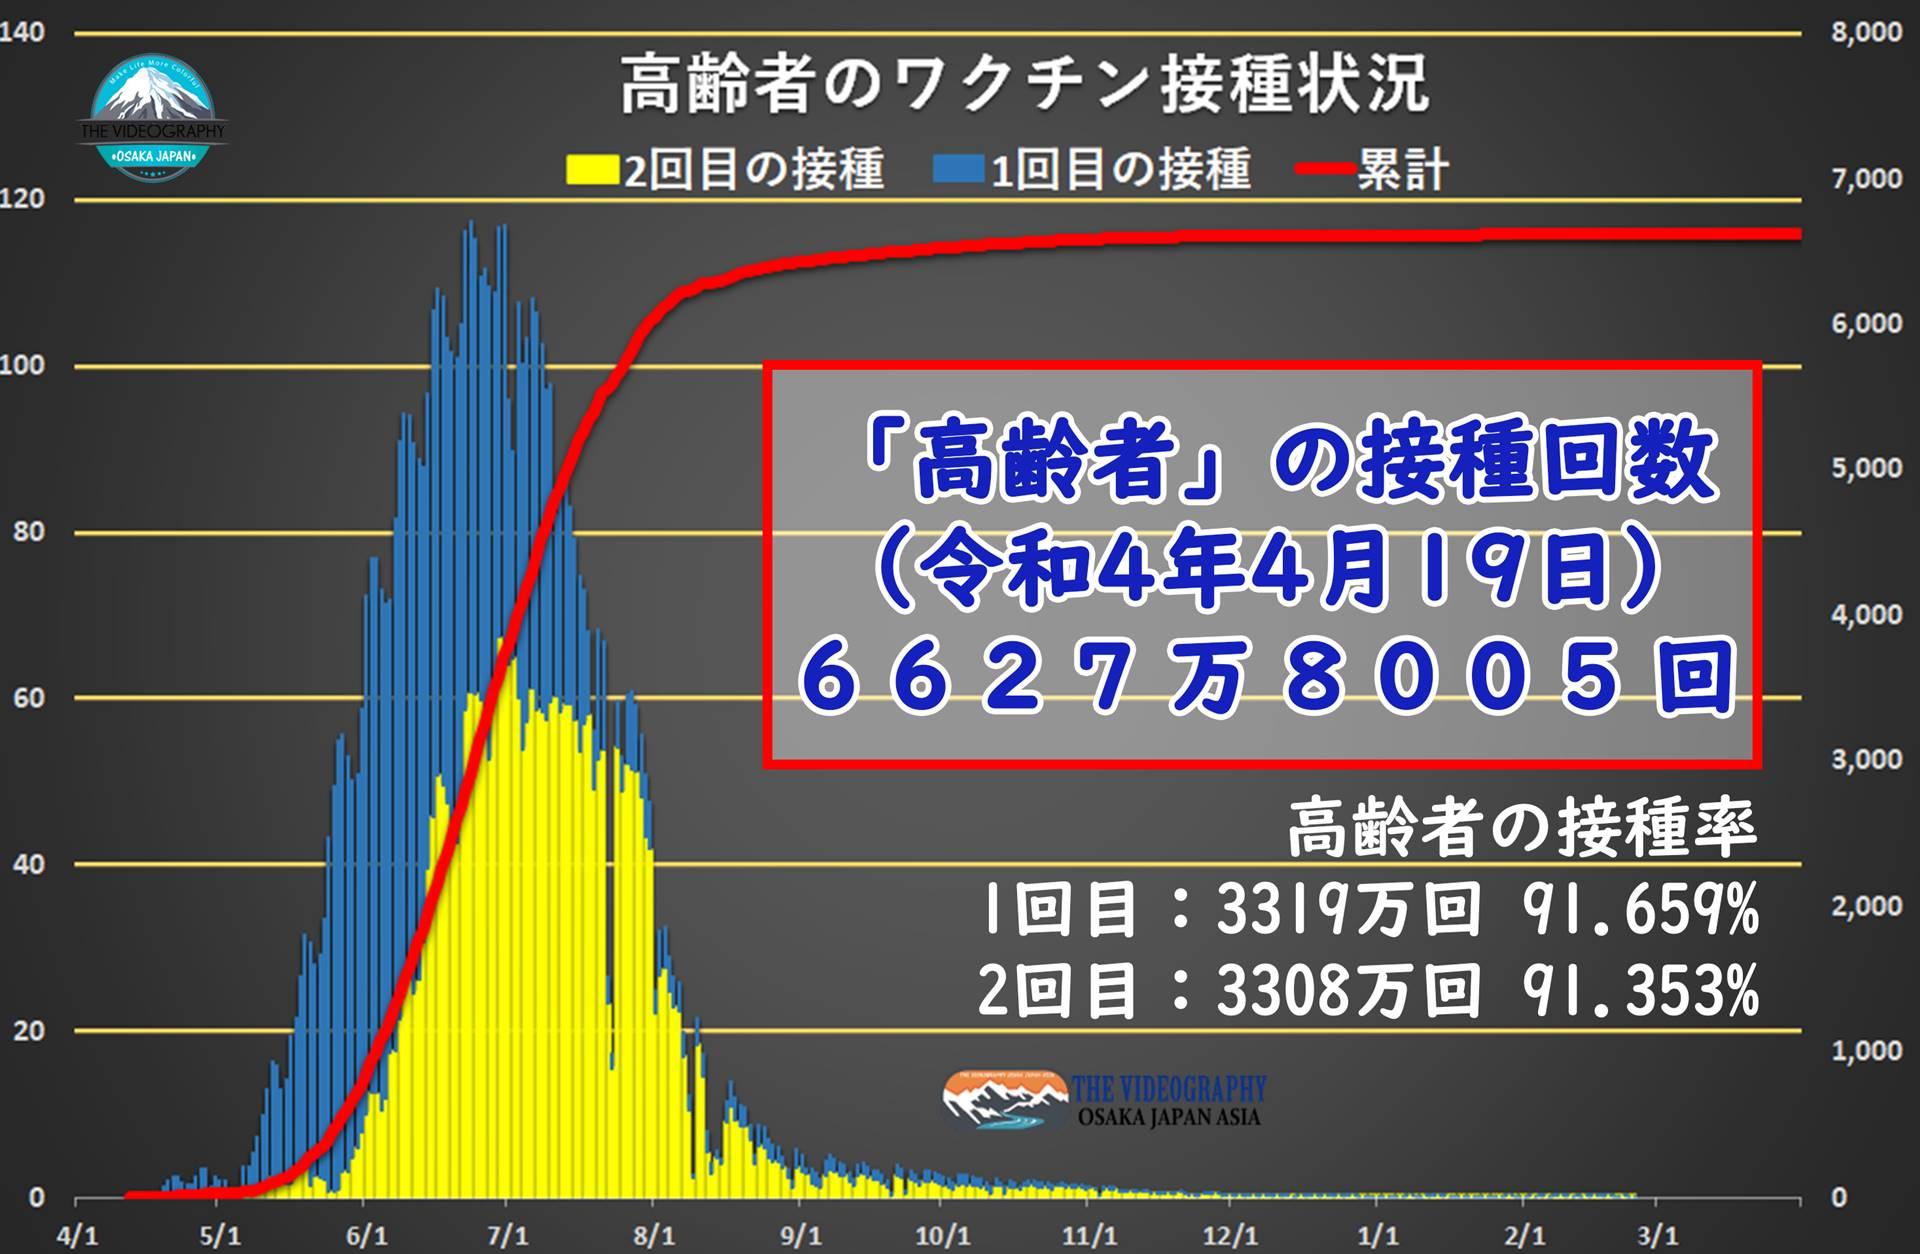 高齢者のワクチン接種状況・Coronavirus Covid-19 新型コロナウイルス。 【現在の新型コロナウイルス感染症に対するワクチン接種回数・集計】 基礎データ【日本のワクチン接種回数 2038万3612回接種(令和3年6月9日)】 高齢者などの摂取回数 11,560,289回:医療従事者等:8,823,323回 ※「高齢者など」 1日での最高接種記録 57万回(統計上 「高齢者など」のみの件数 6月8日)